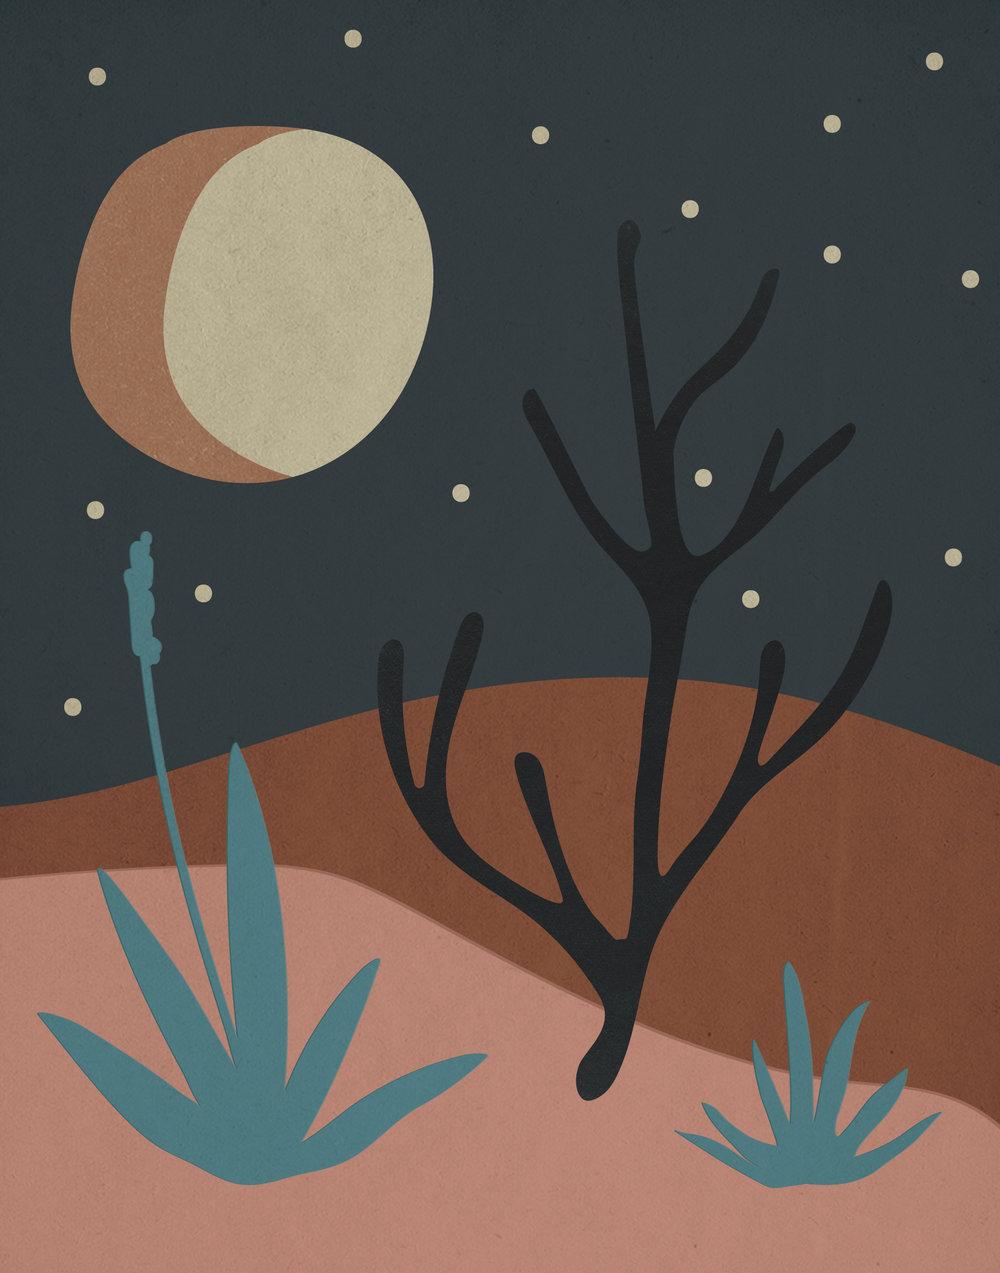 cactus-scape-color1-04.jpg